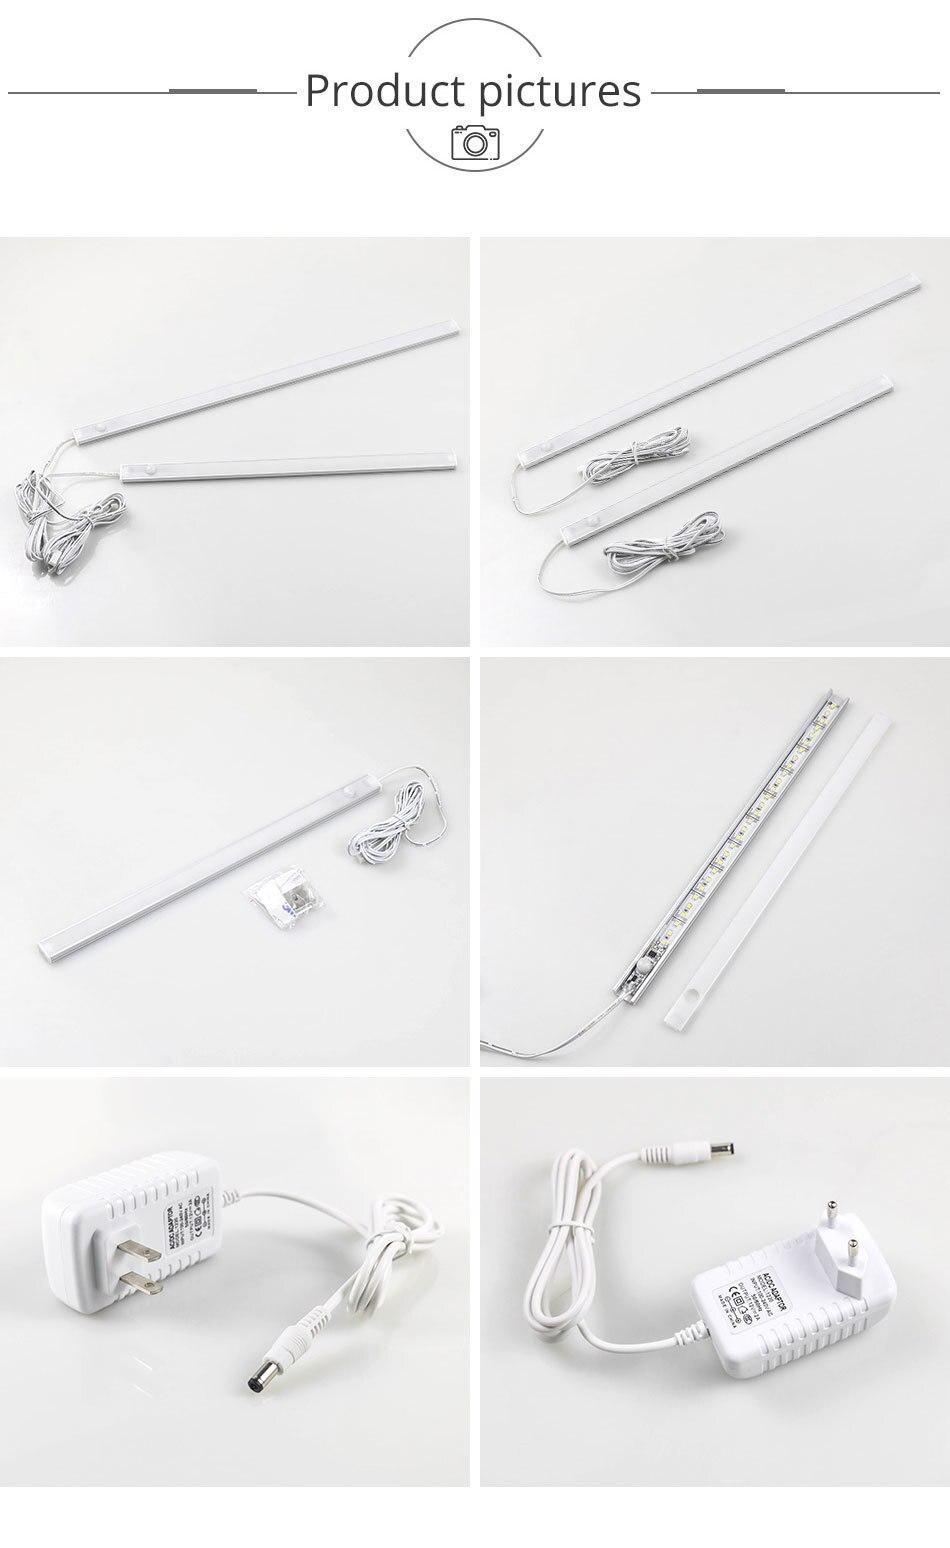 PIR 12V DC Aluminnum LED Under Cabinet Lights BodyLight Sensor Light Kitchen Wardrobe Night Lighting Cabinet Lamps (12)